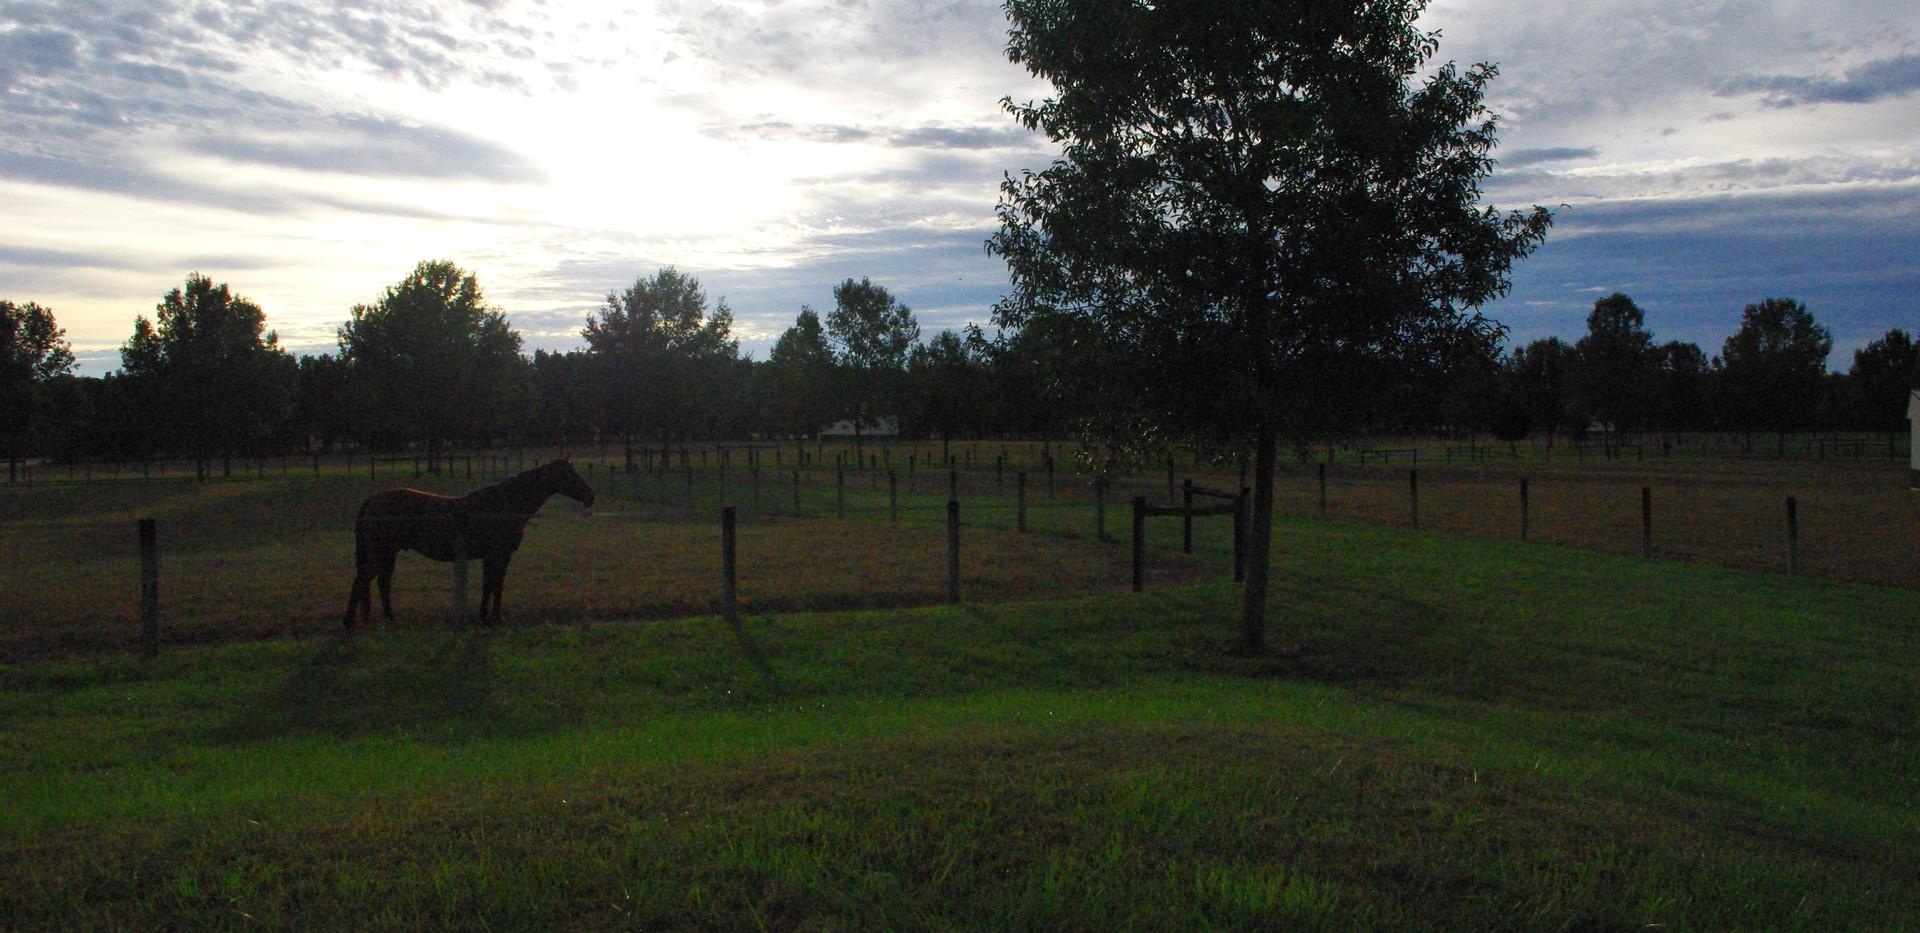 Morning View at KVC